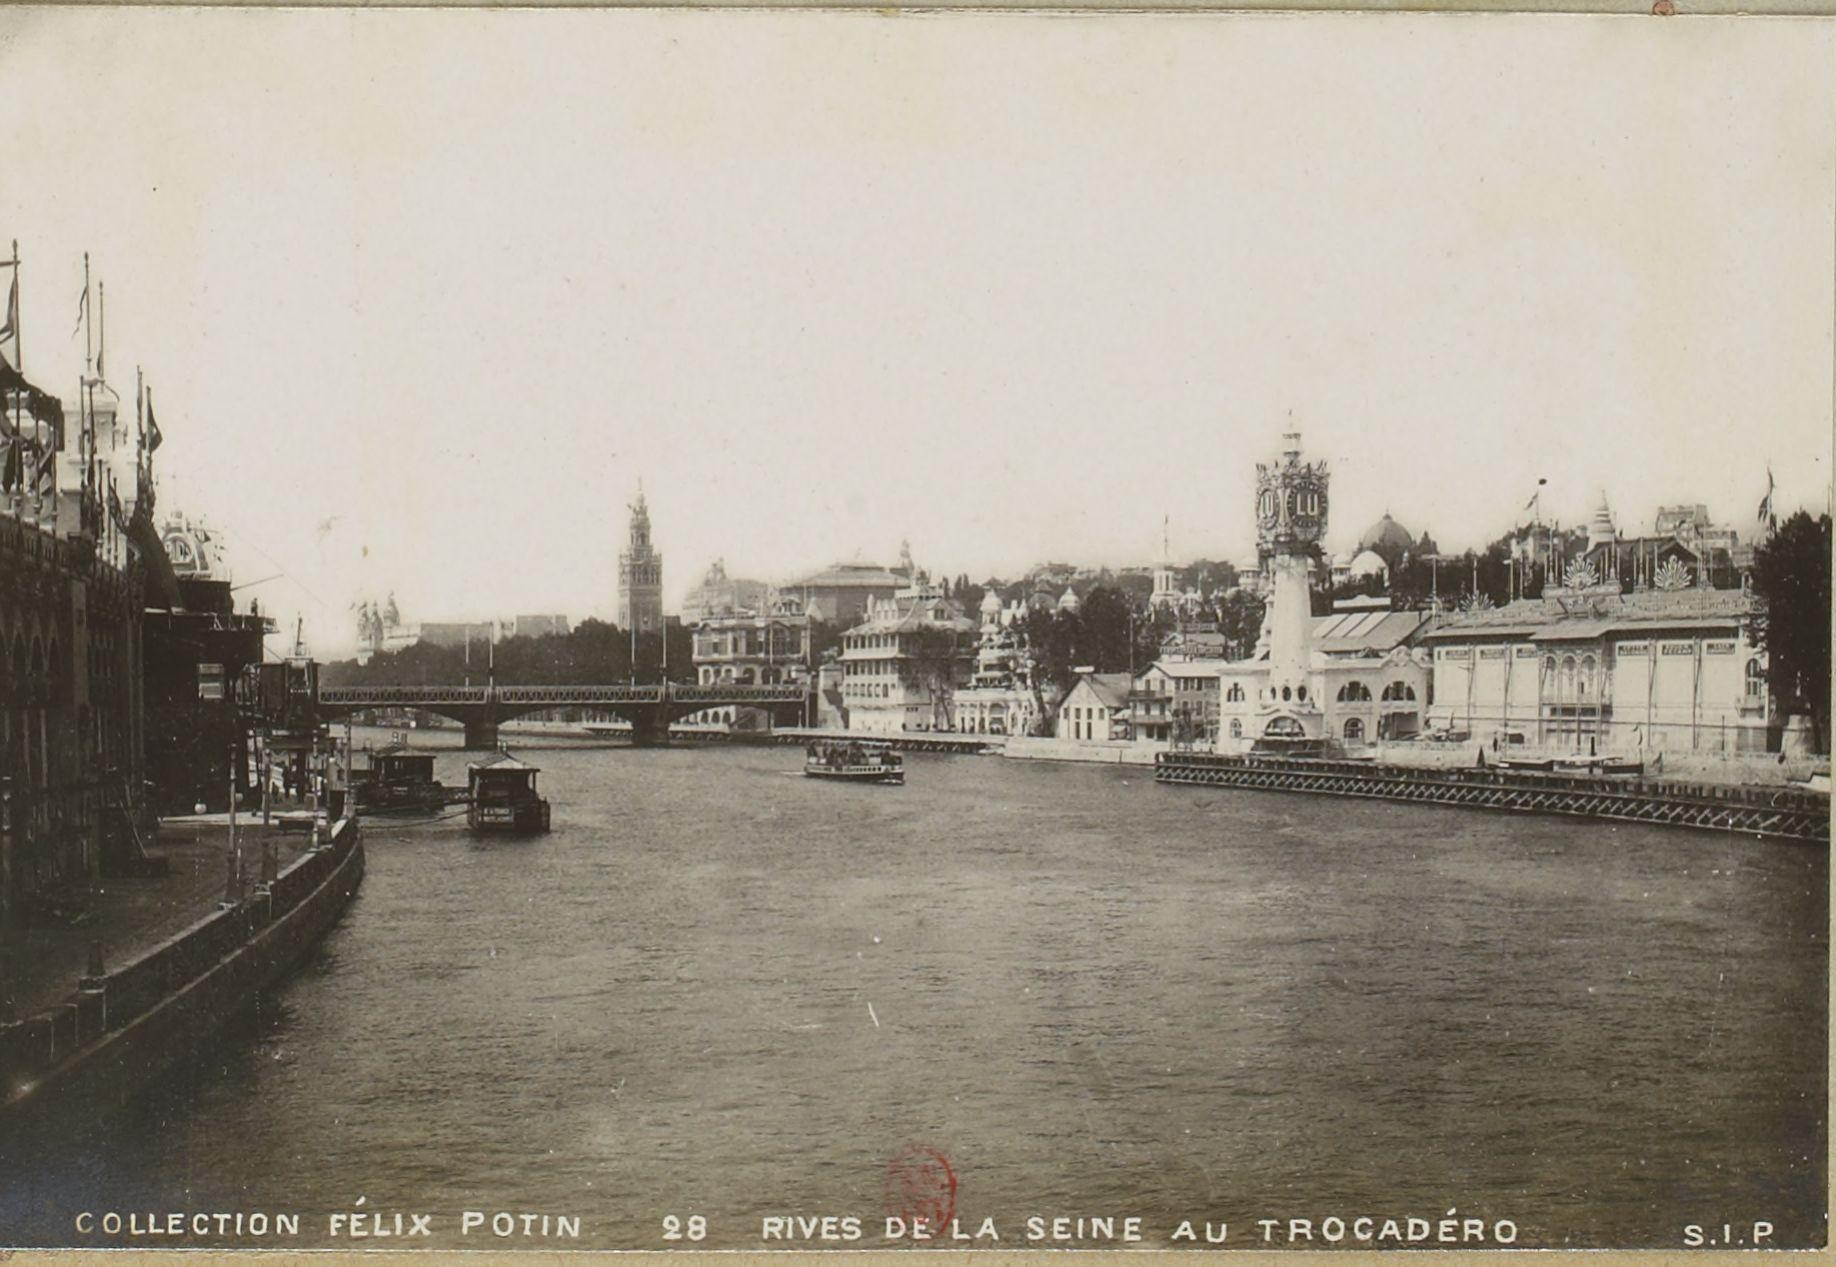 Вид на Сену и Трокадеро